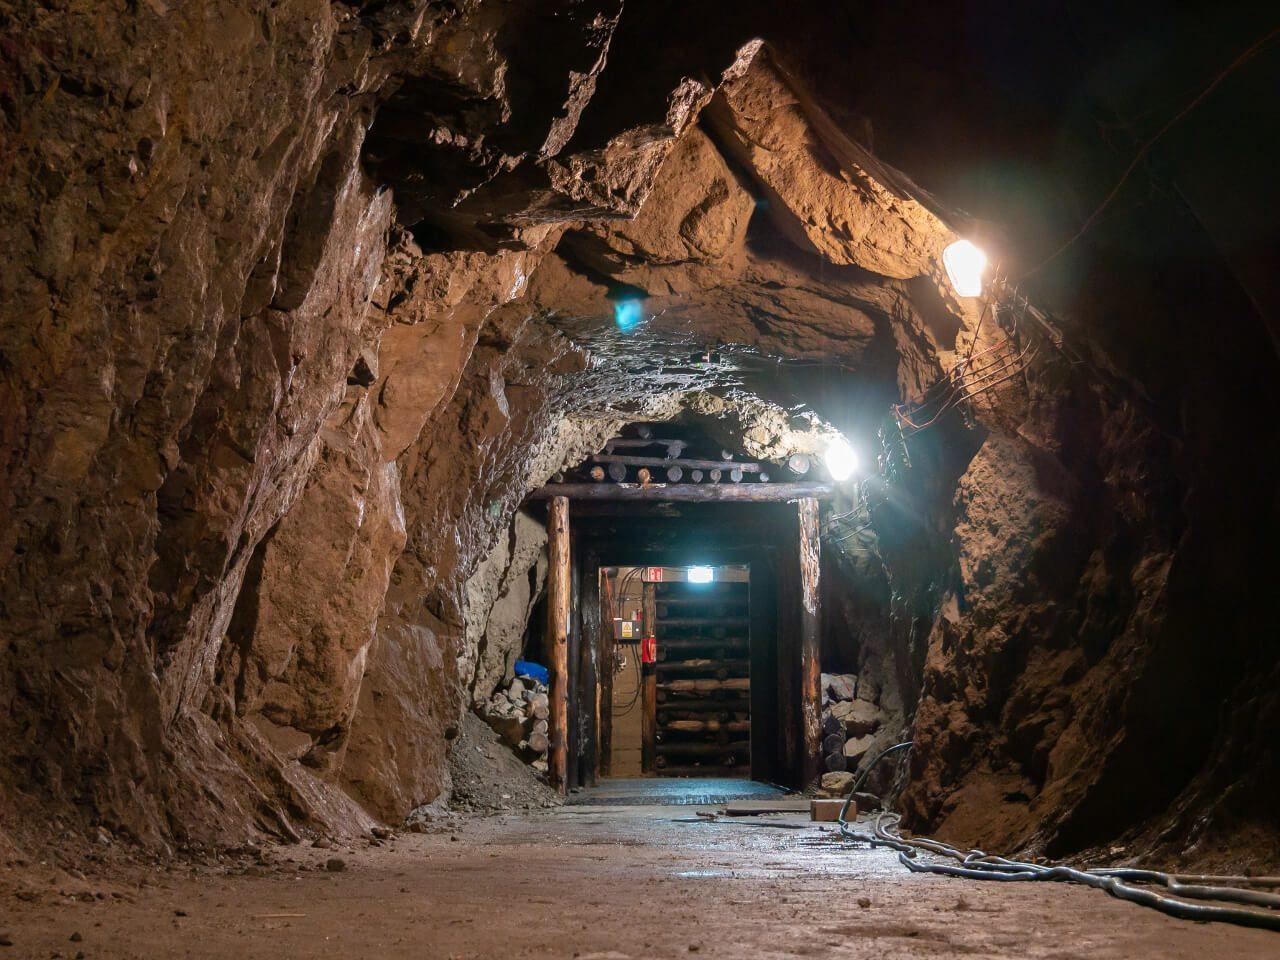 Podziemna Trasa Turystyczna Zamek Książ blog podróżniczy